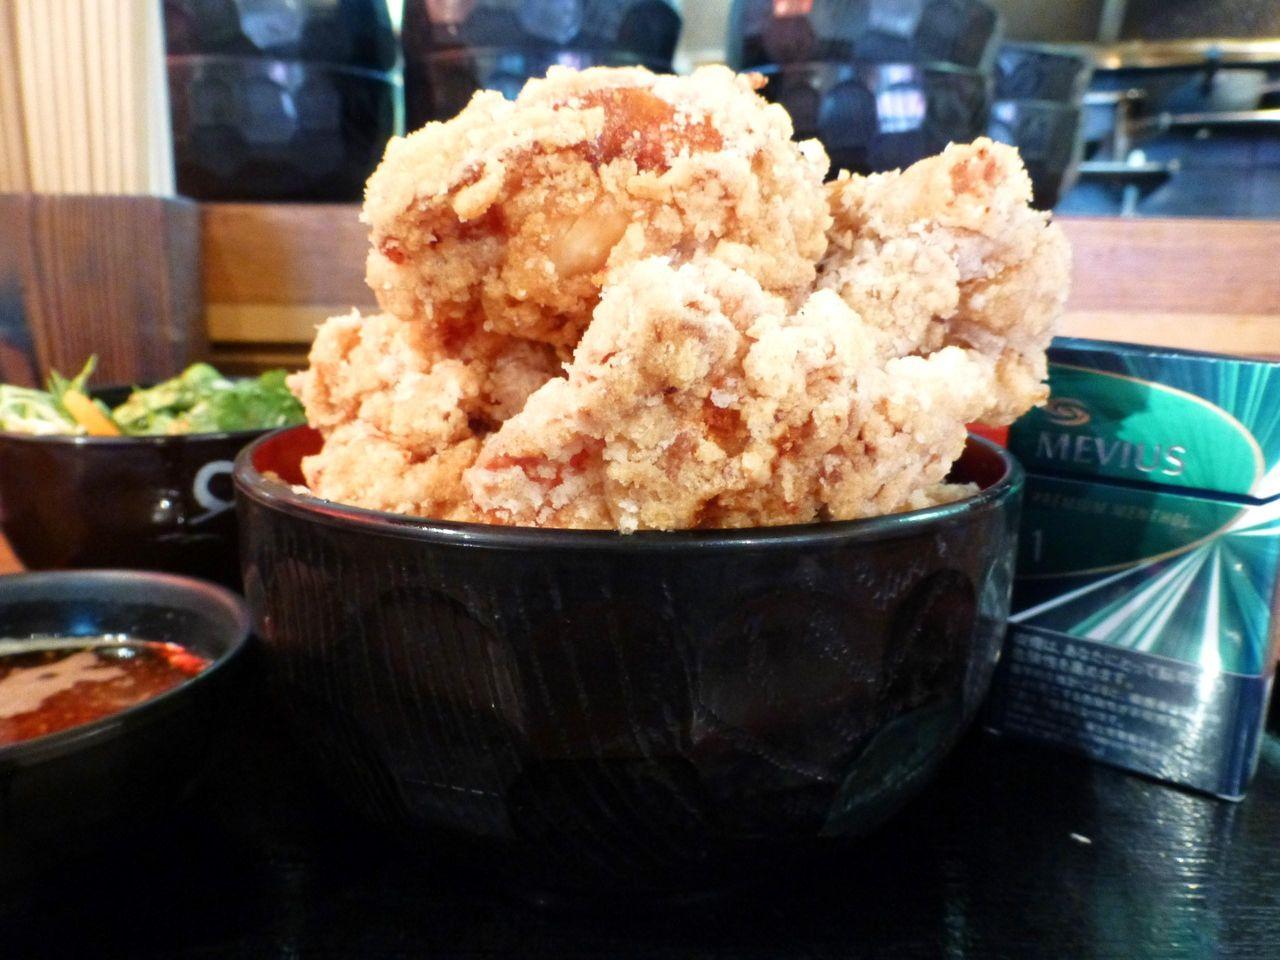 立川の「ひなたかなた」で、デカ盛り唐揚げマウンテン丼!